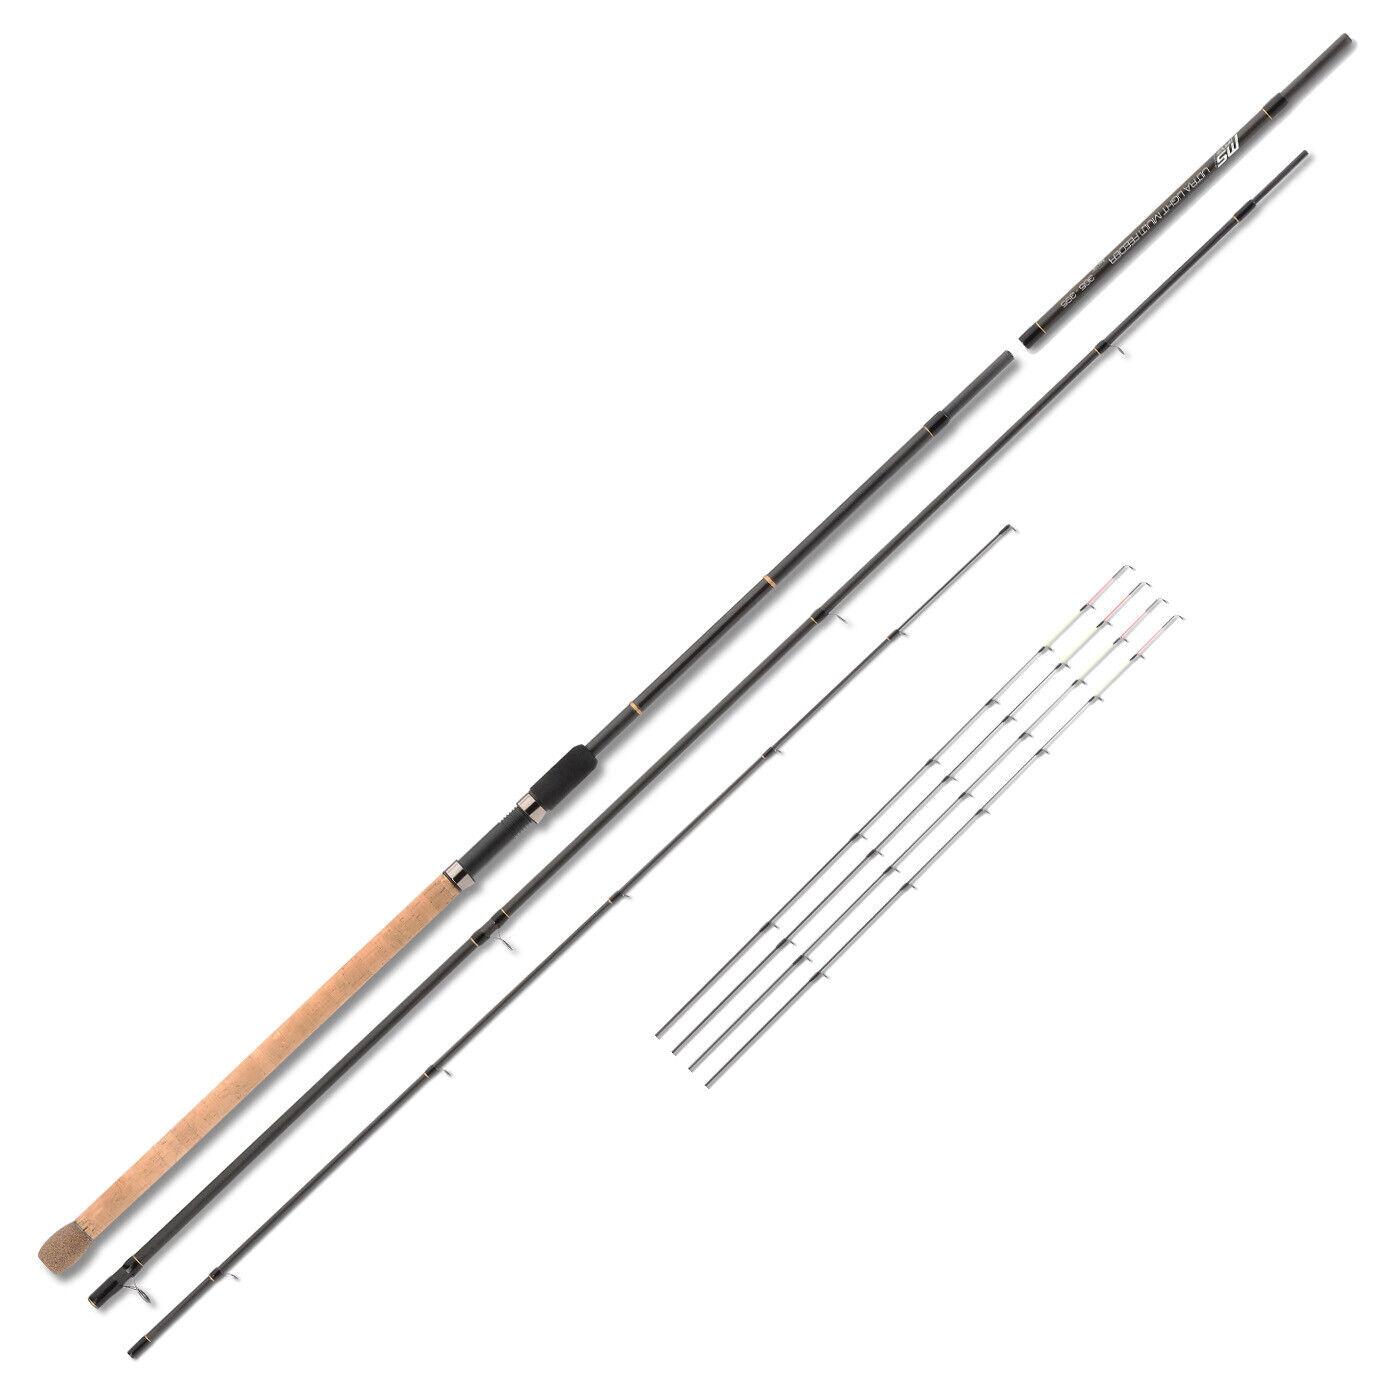 MS Range Multi Feeder UL 300 330cm feederrute a great rod look top